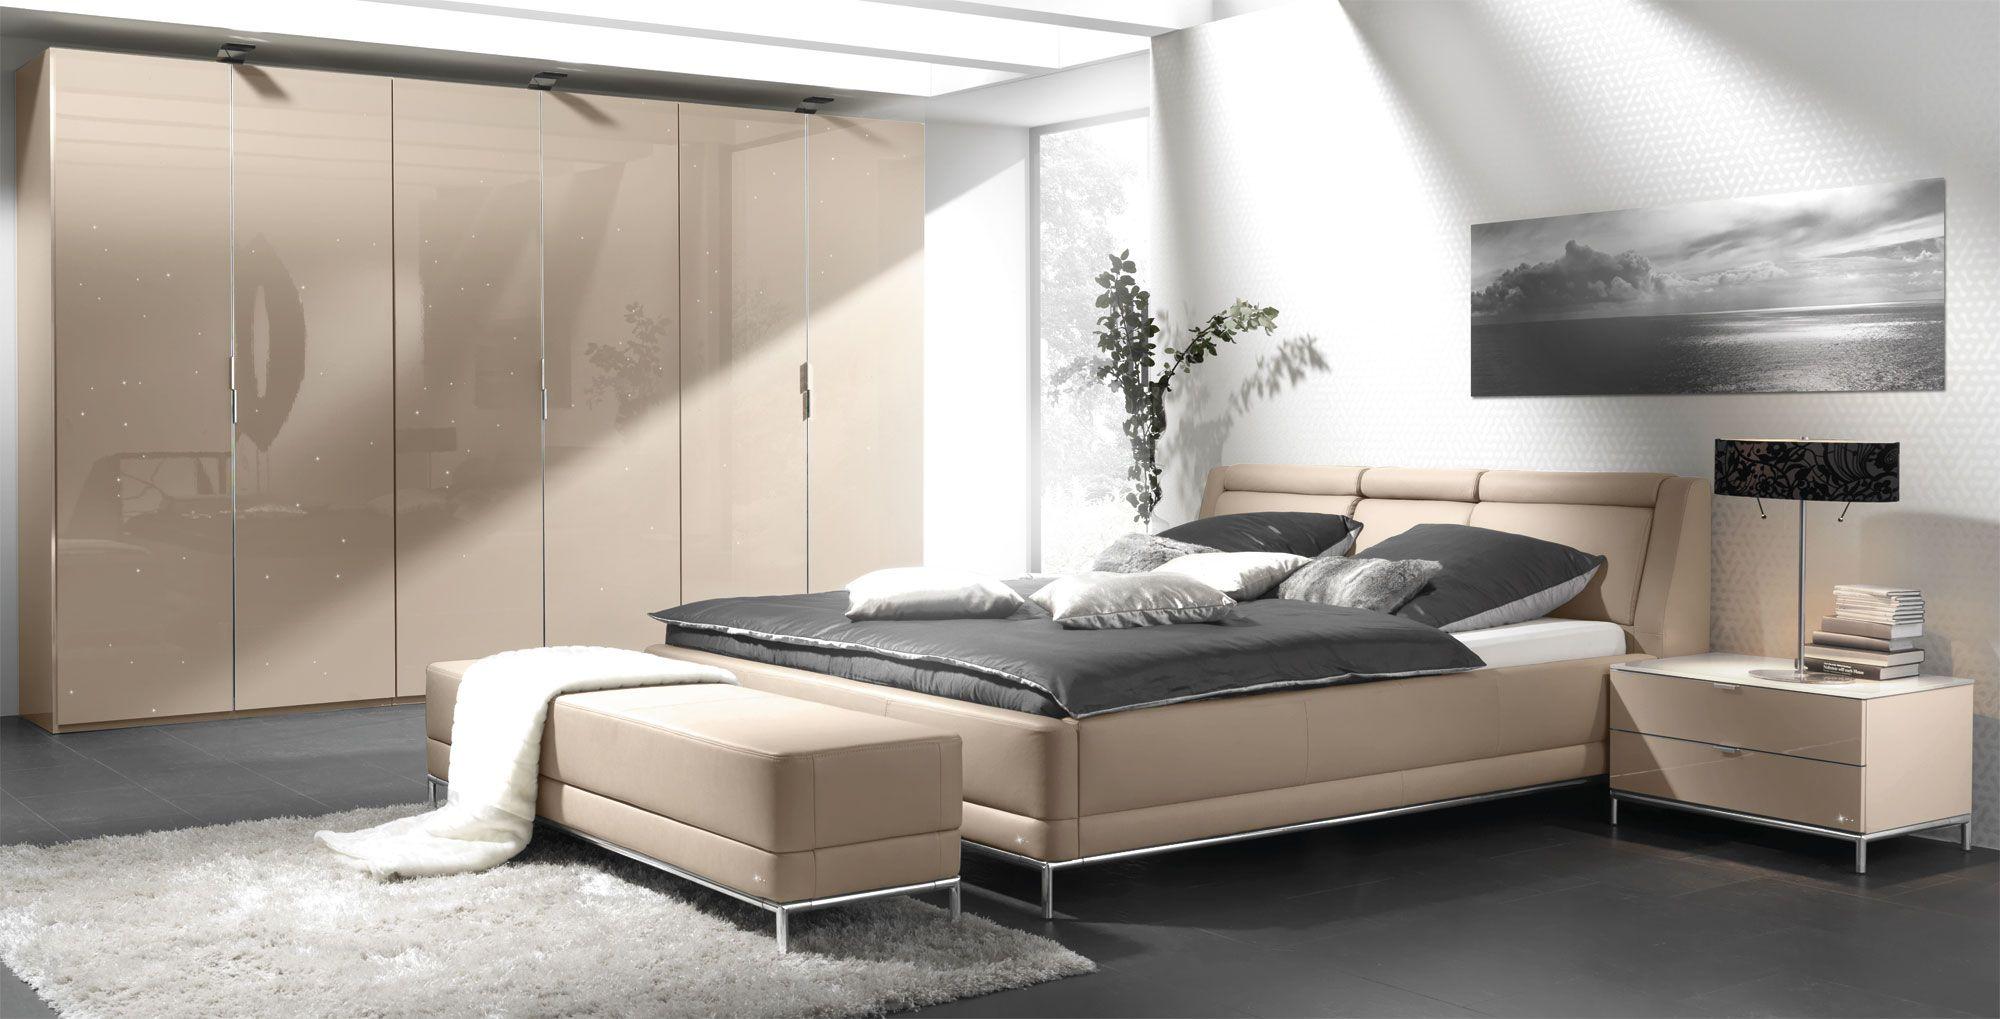 Hochglanz Schlafzimmer ~ Genial schlafzimmer komplett hochglanz weiss deutsche deko